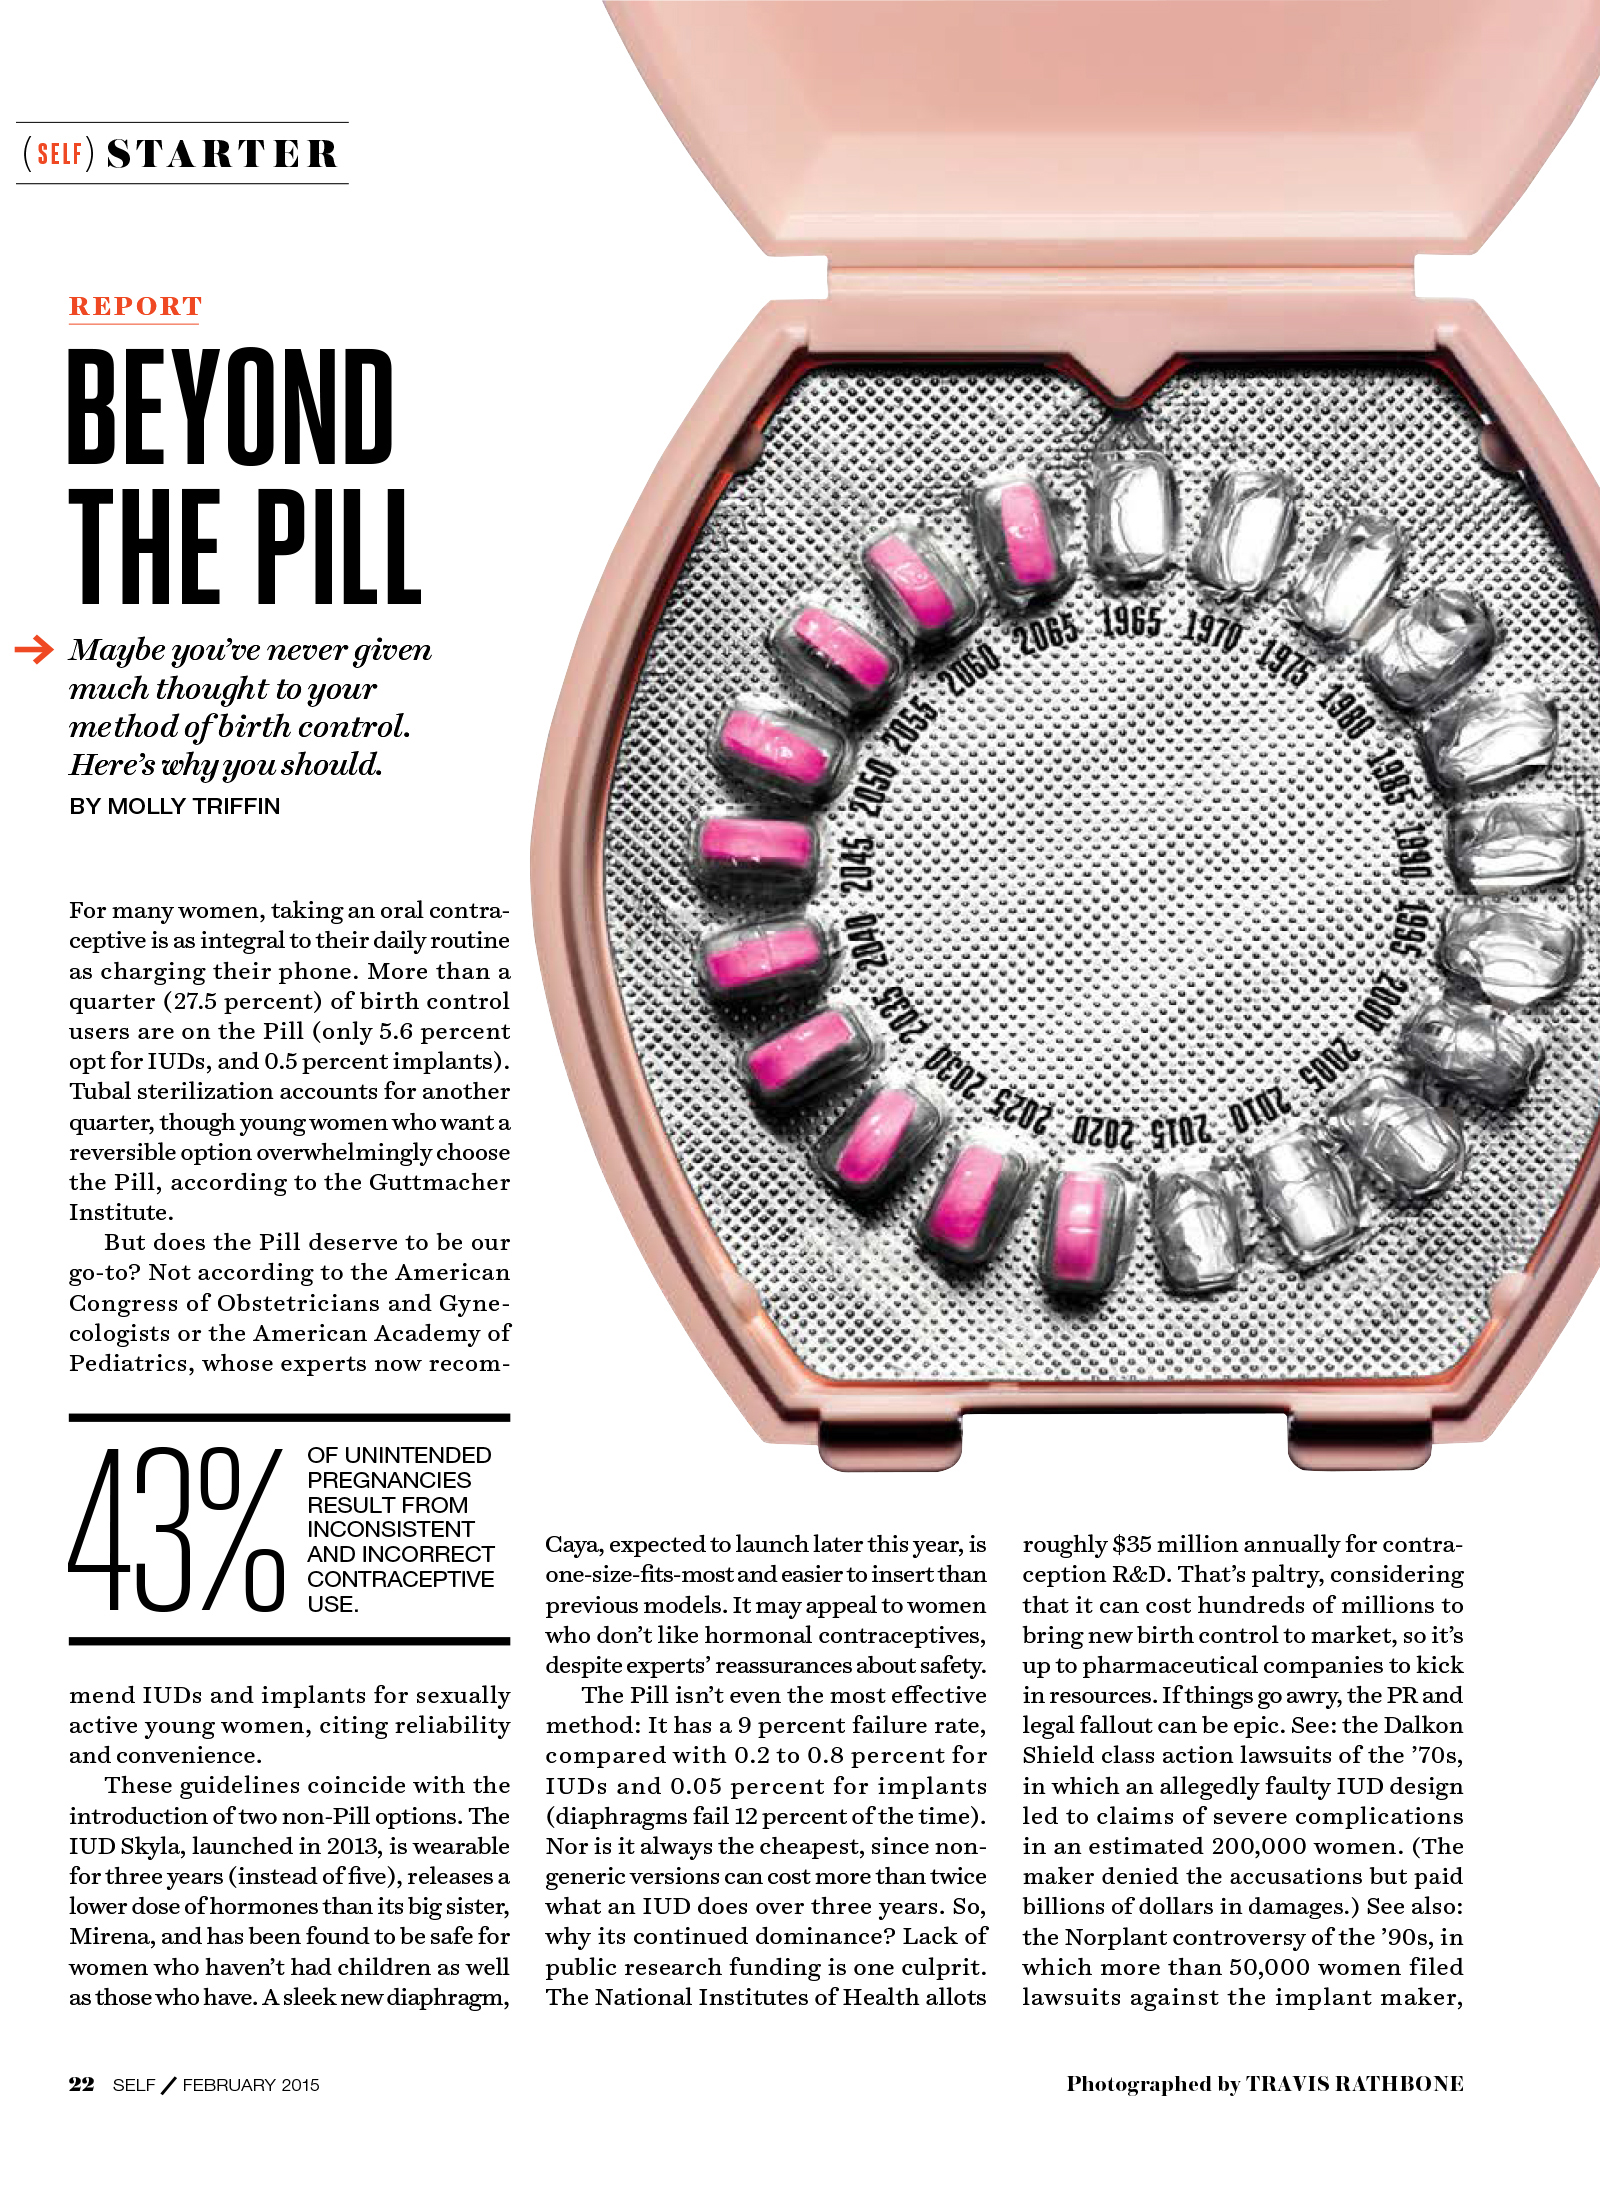 report_beyond_the_pill-1.jpg